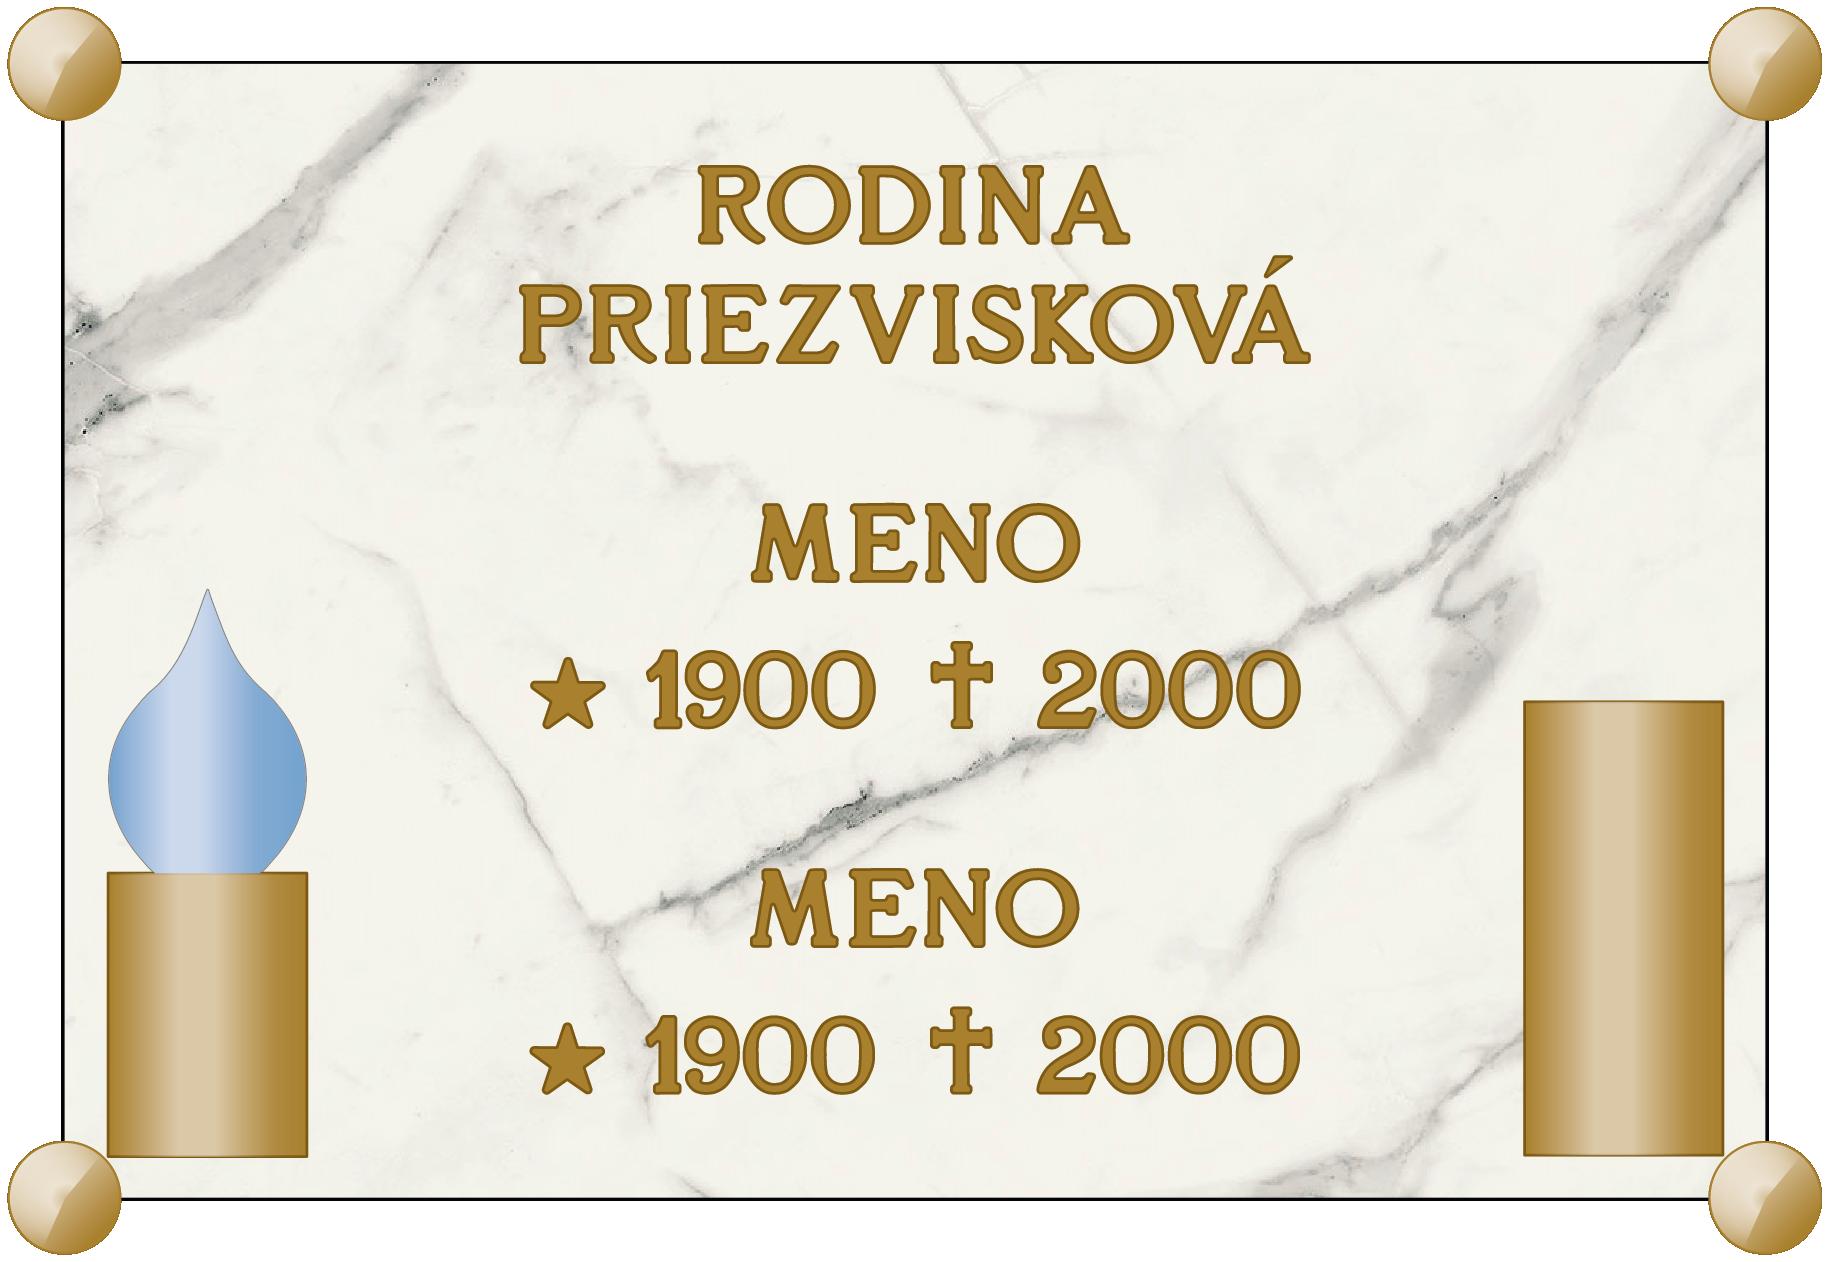 ROMANO_60x40_60x40_3